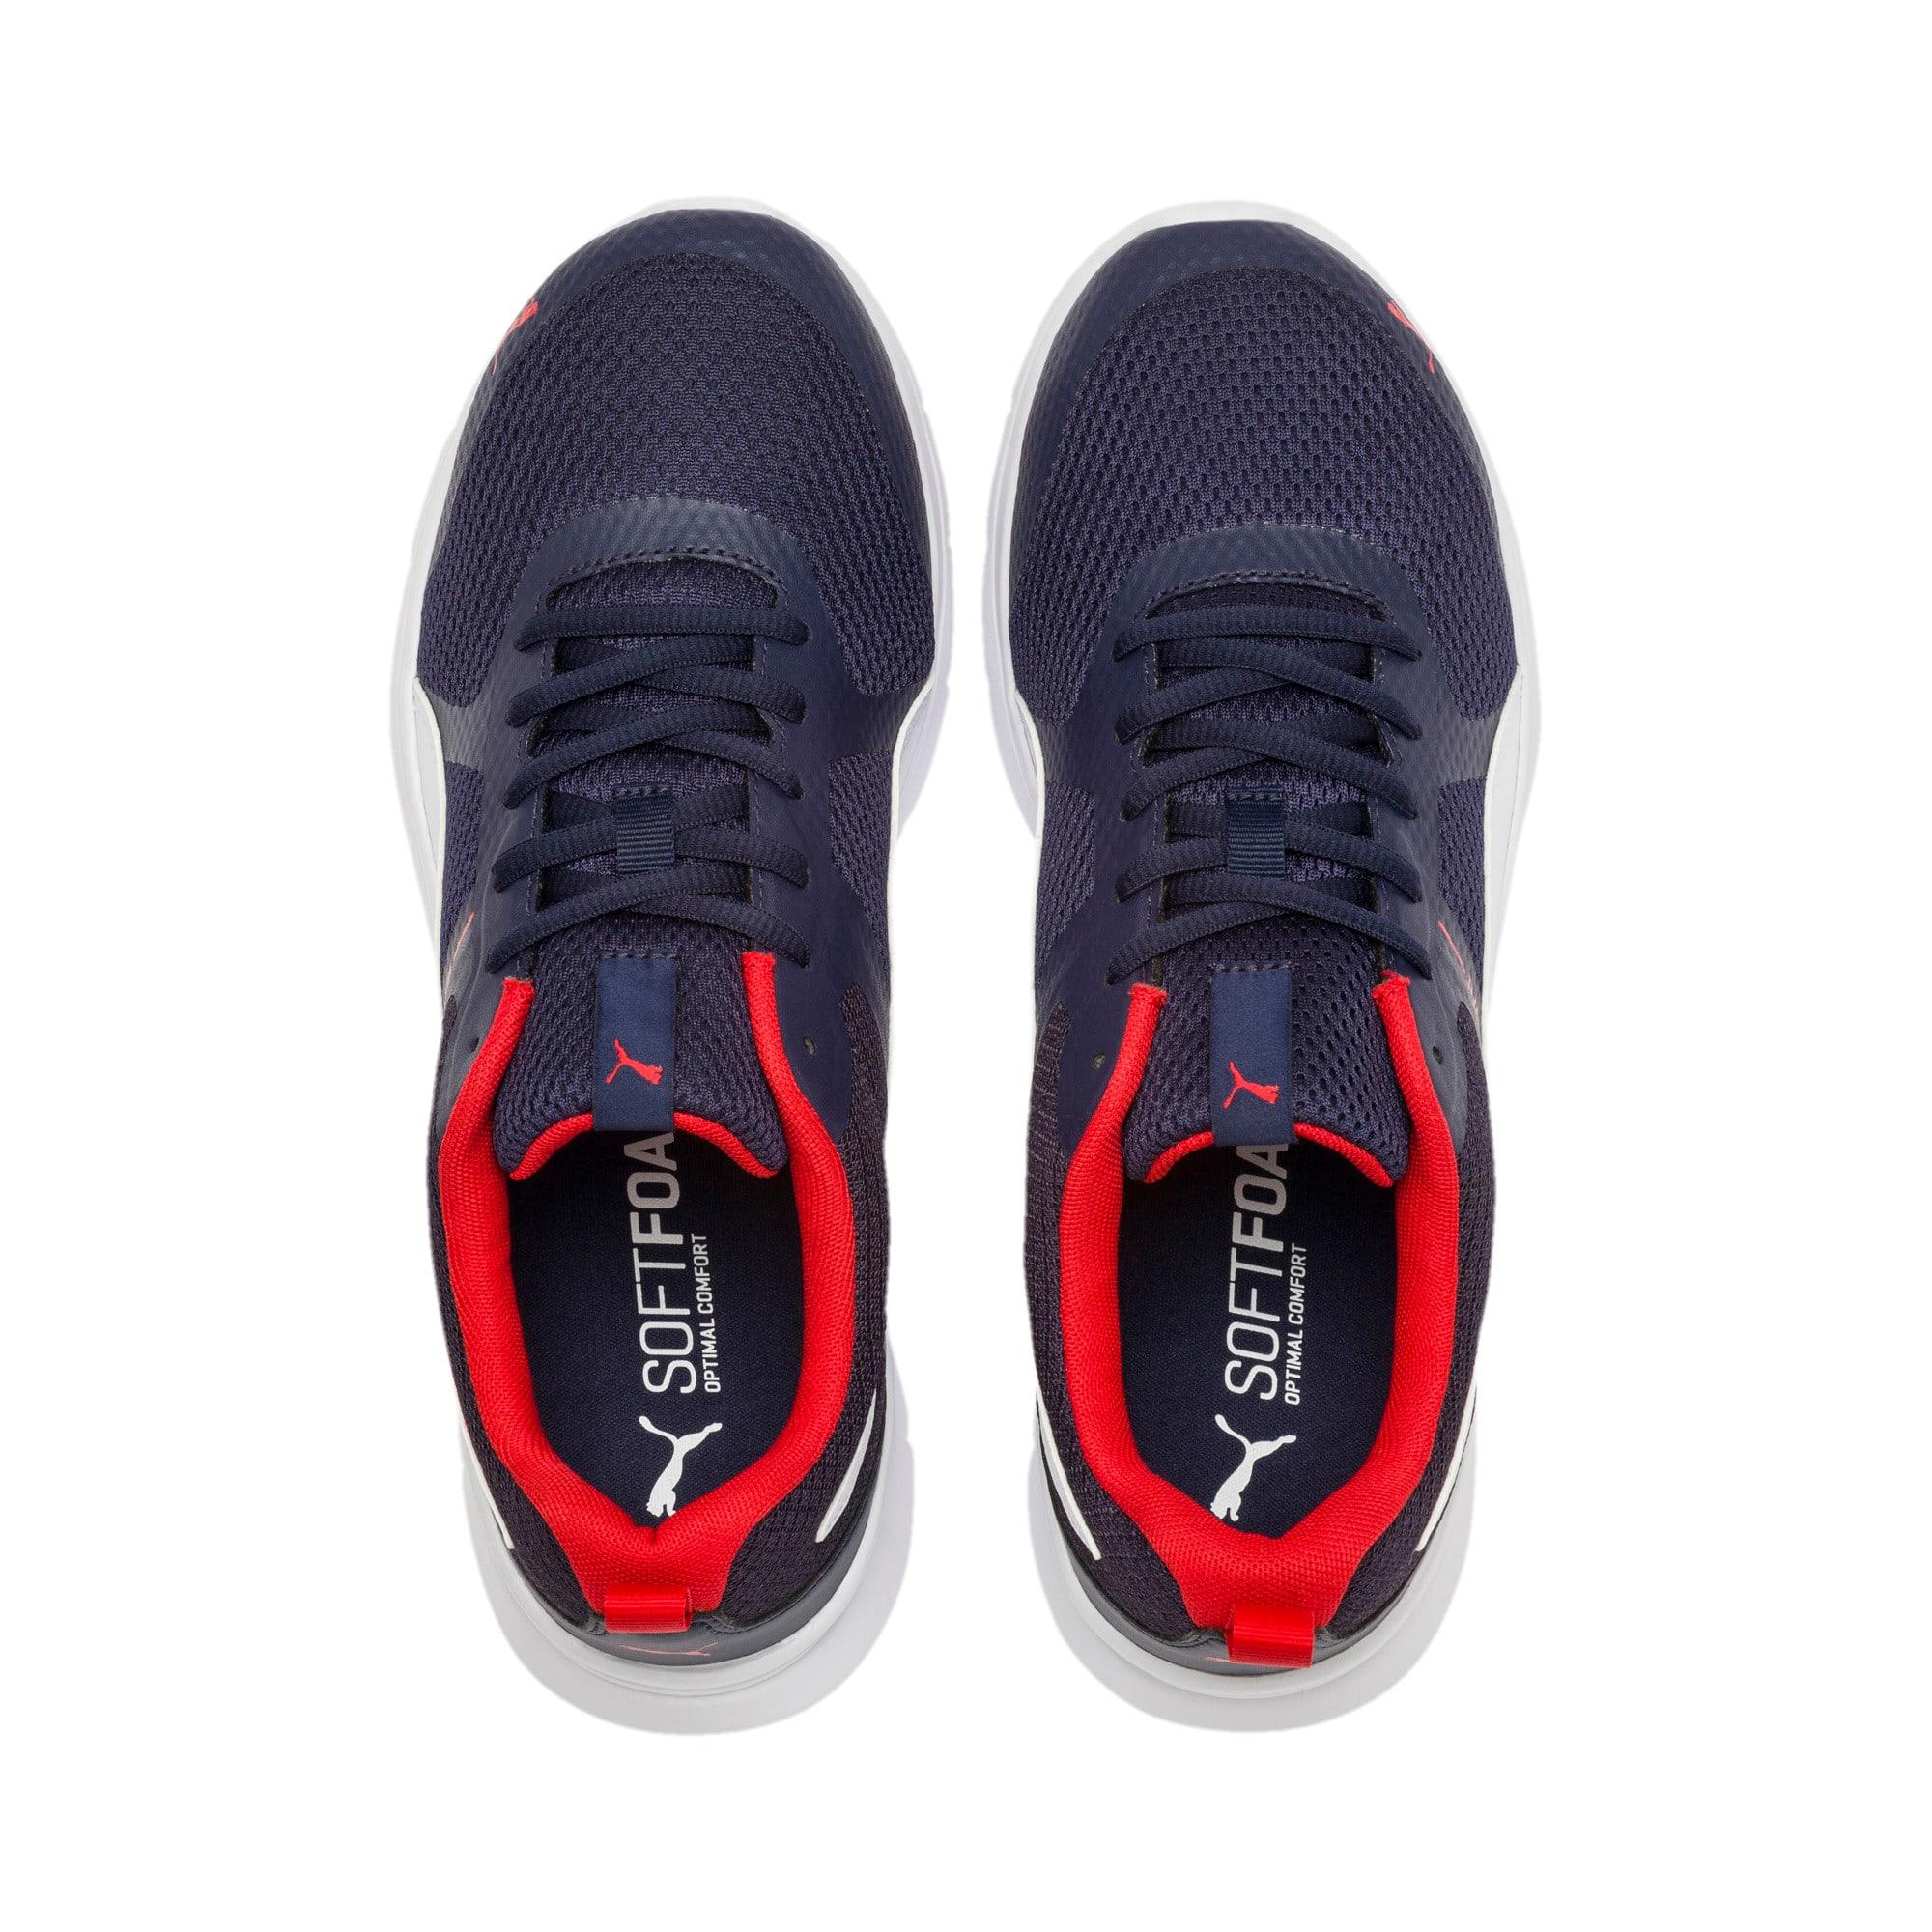 Thumbnail 3 of Flex Essential Training Shoes, Peacoat-P.White-Hi. Risk Red, medium-IND